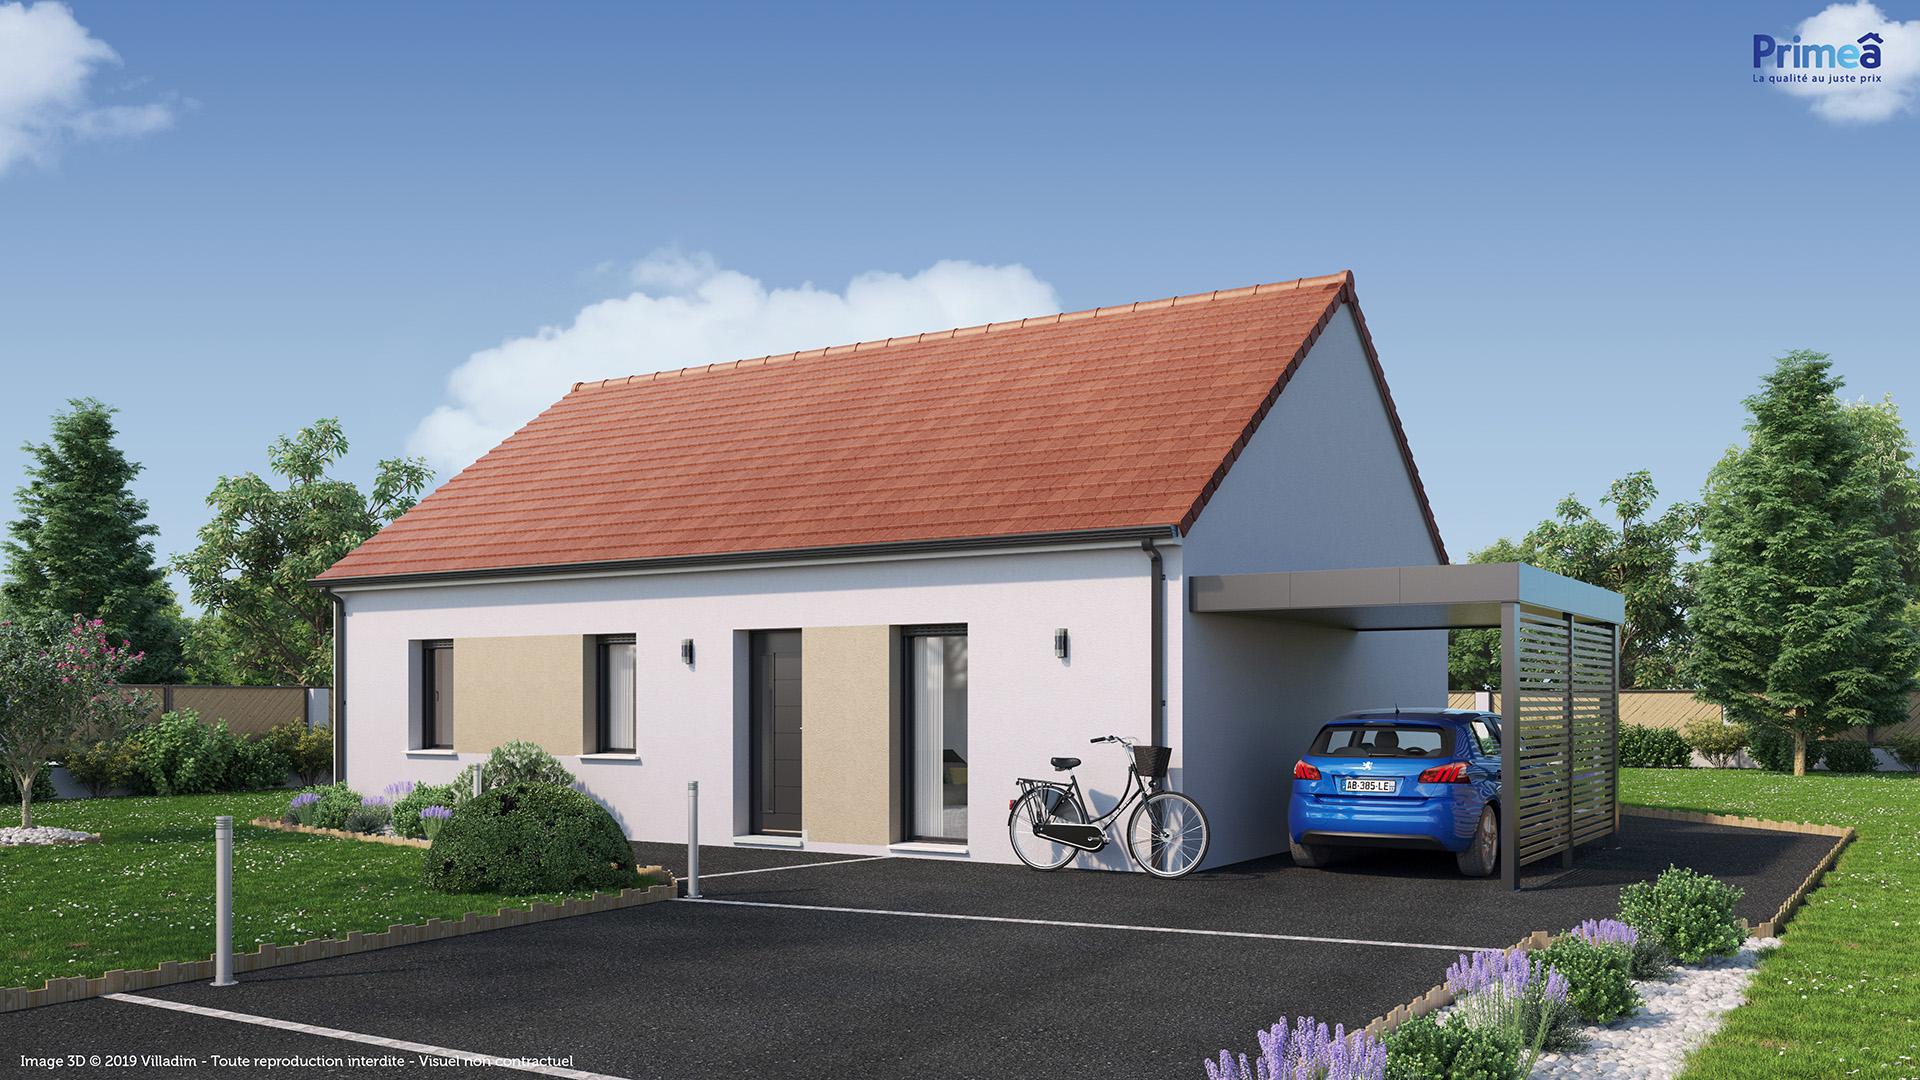 Maison à vendre à Mirebeau-sur-Bèze